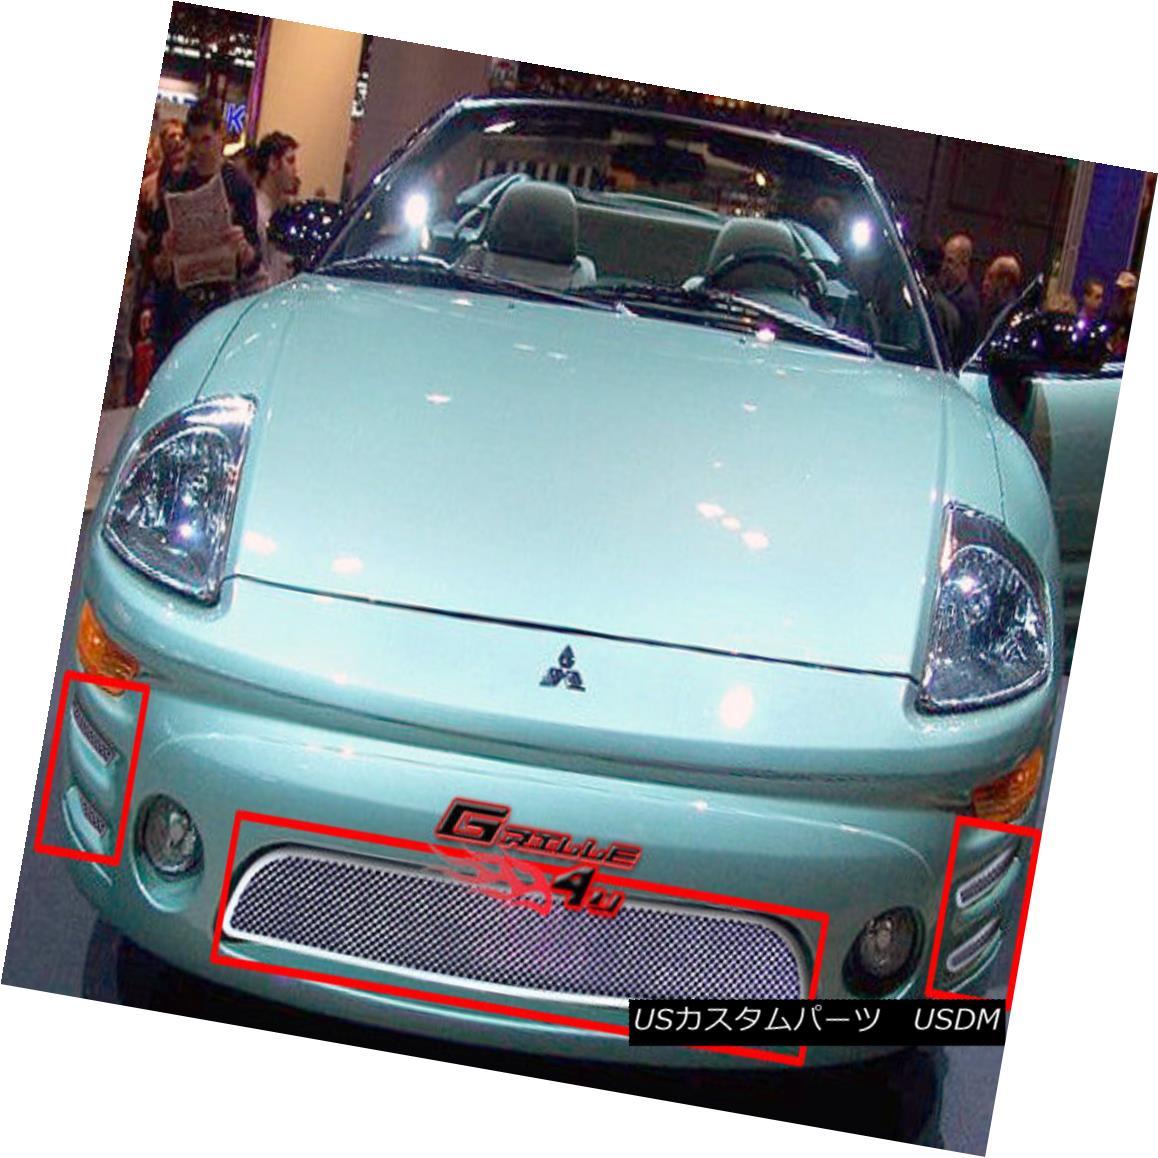 グリル Fits 03-05 Mitsubishi Eclipse Lower Bumper Stainless Mesh Grille フィット03-05三菱Eclipseロワーバンパーステンレスメッシュグリル